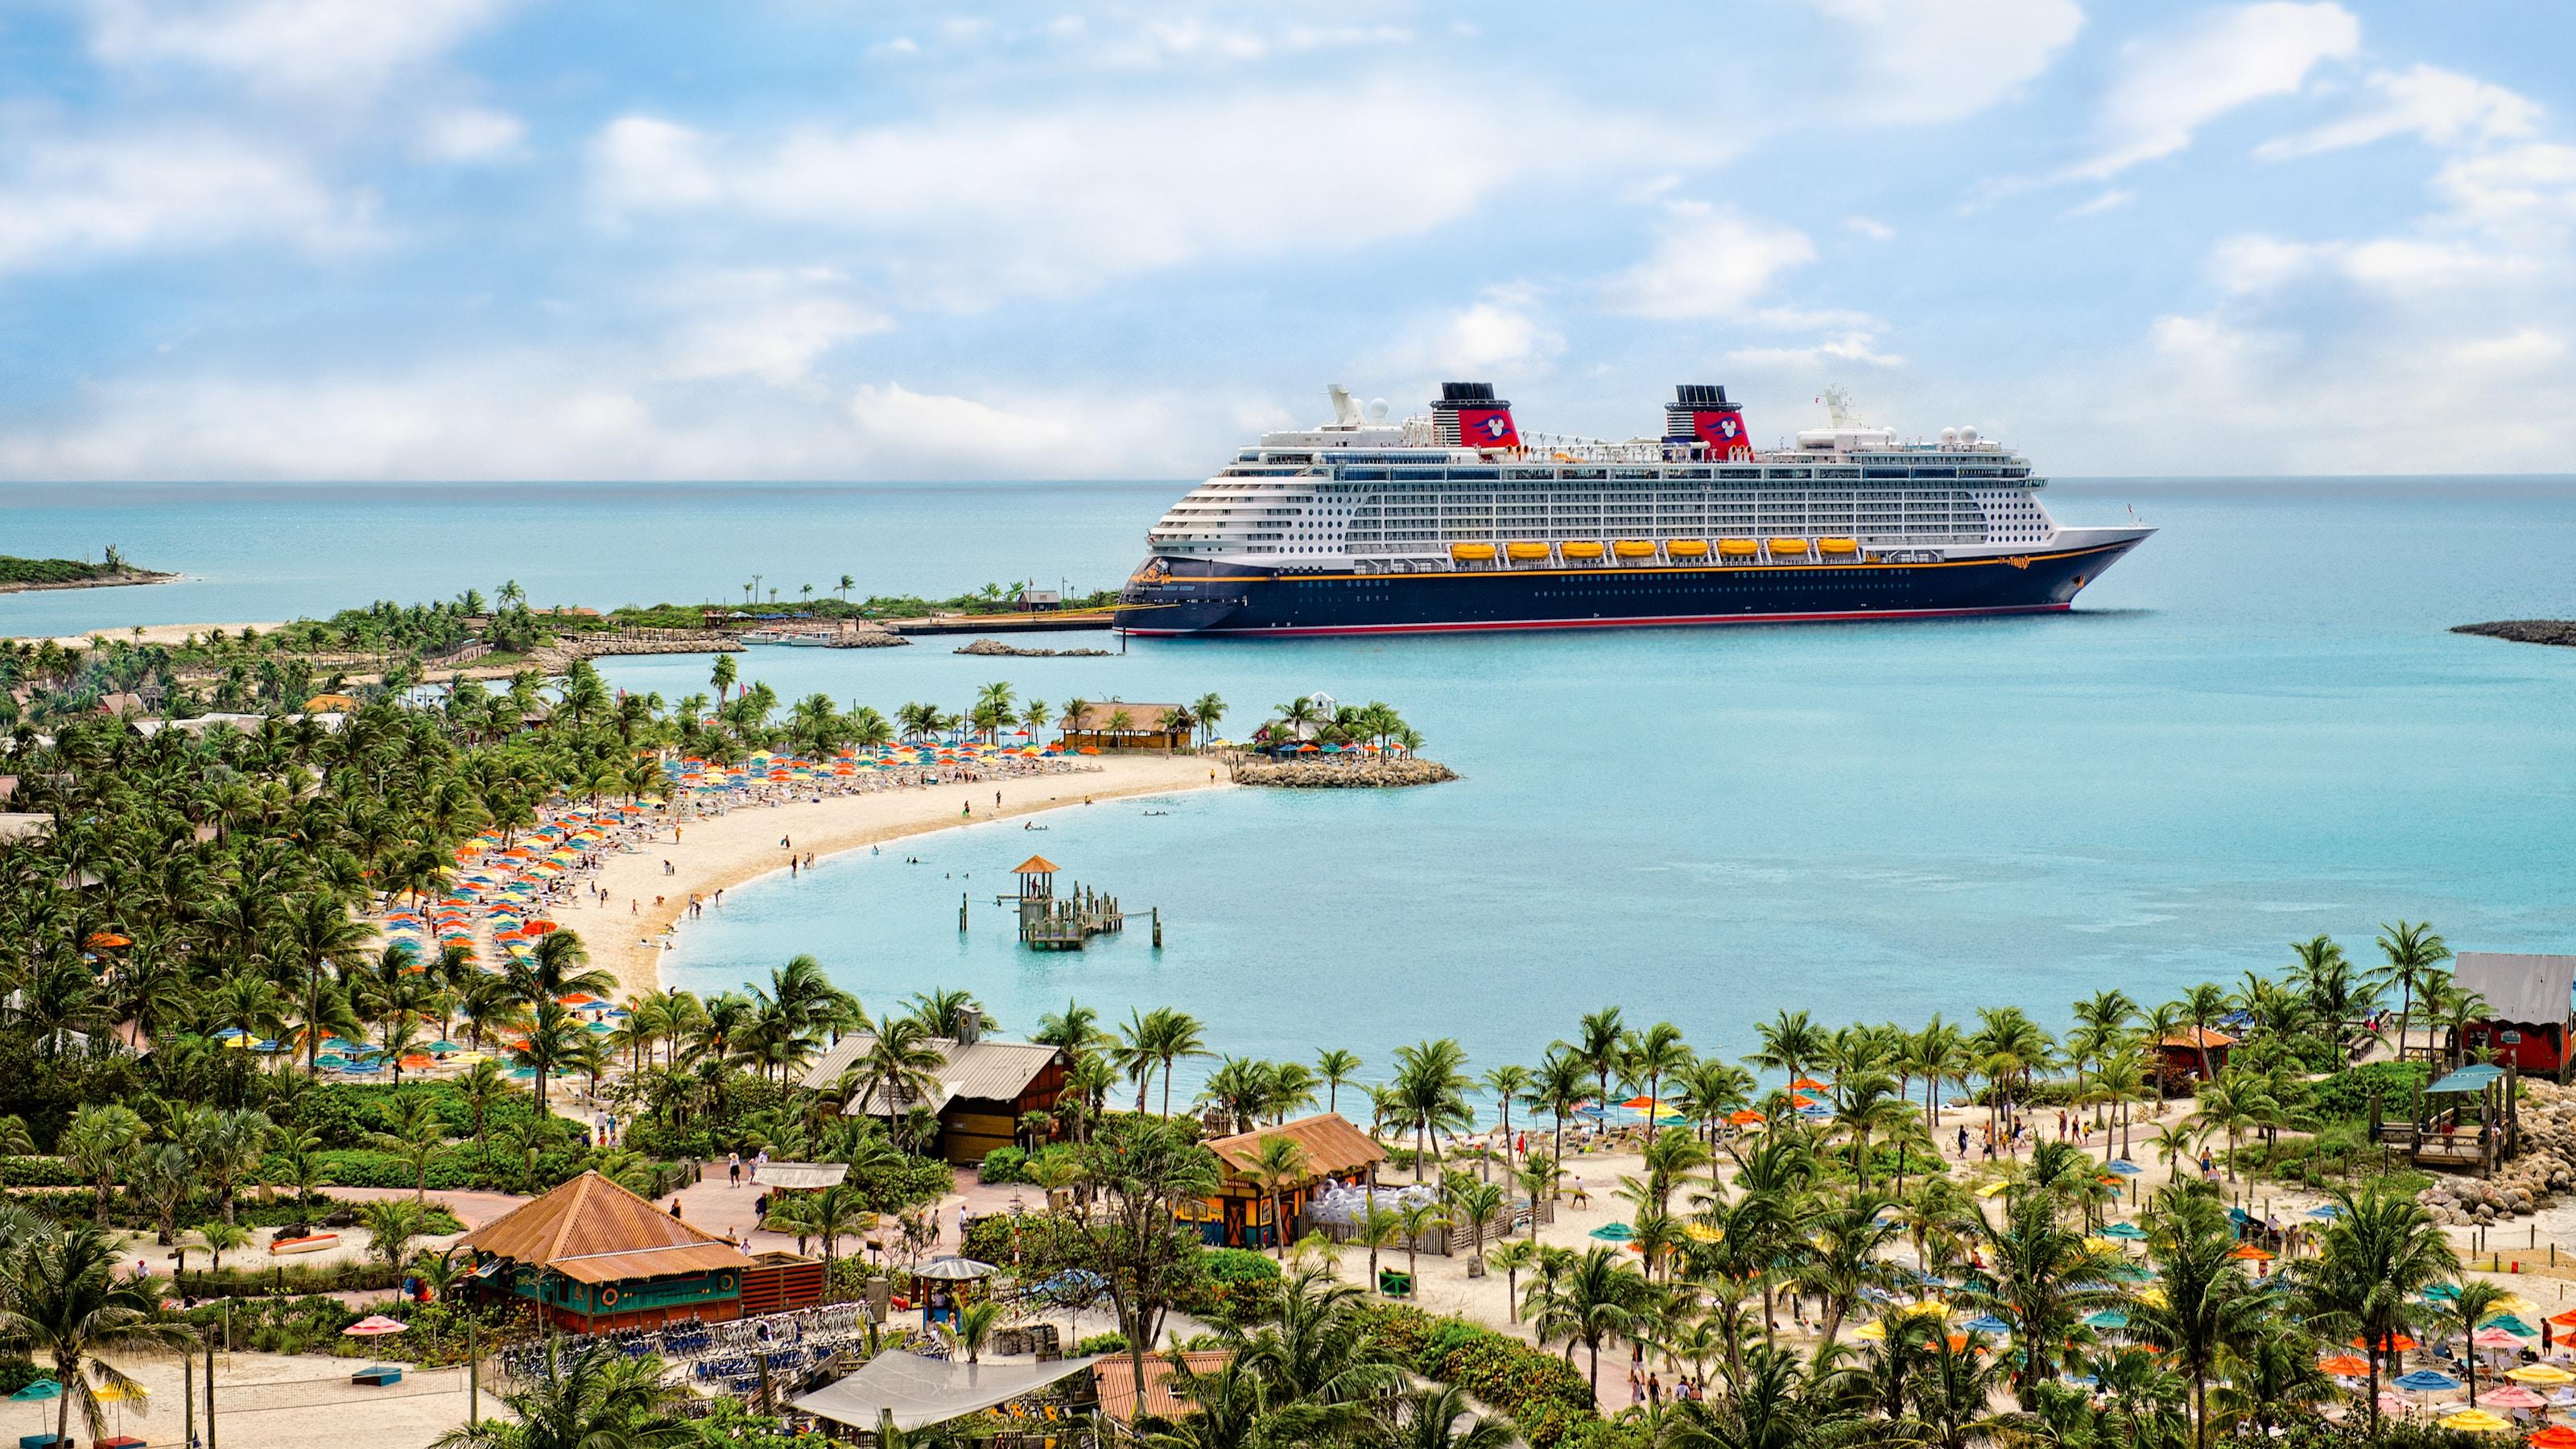 Um navio da Disney Cruise Line atracado na costa da Castaway Cay.